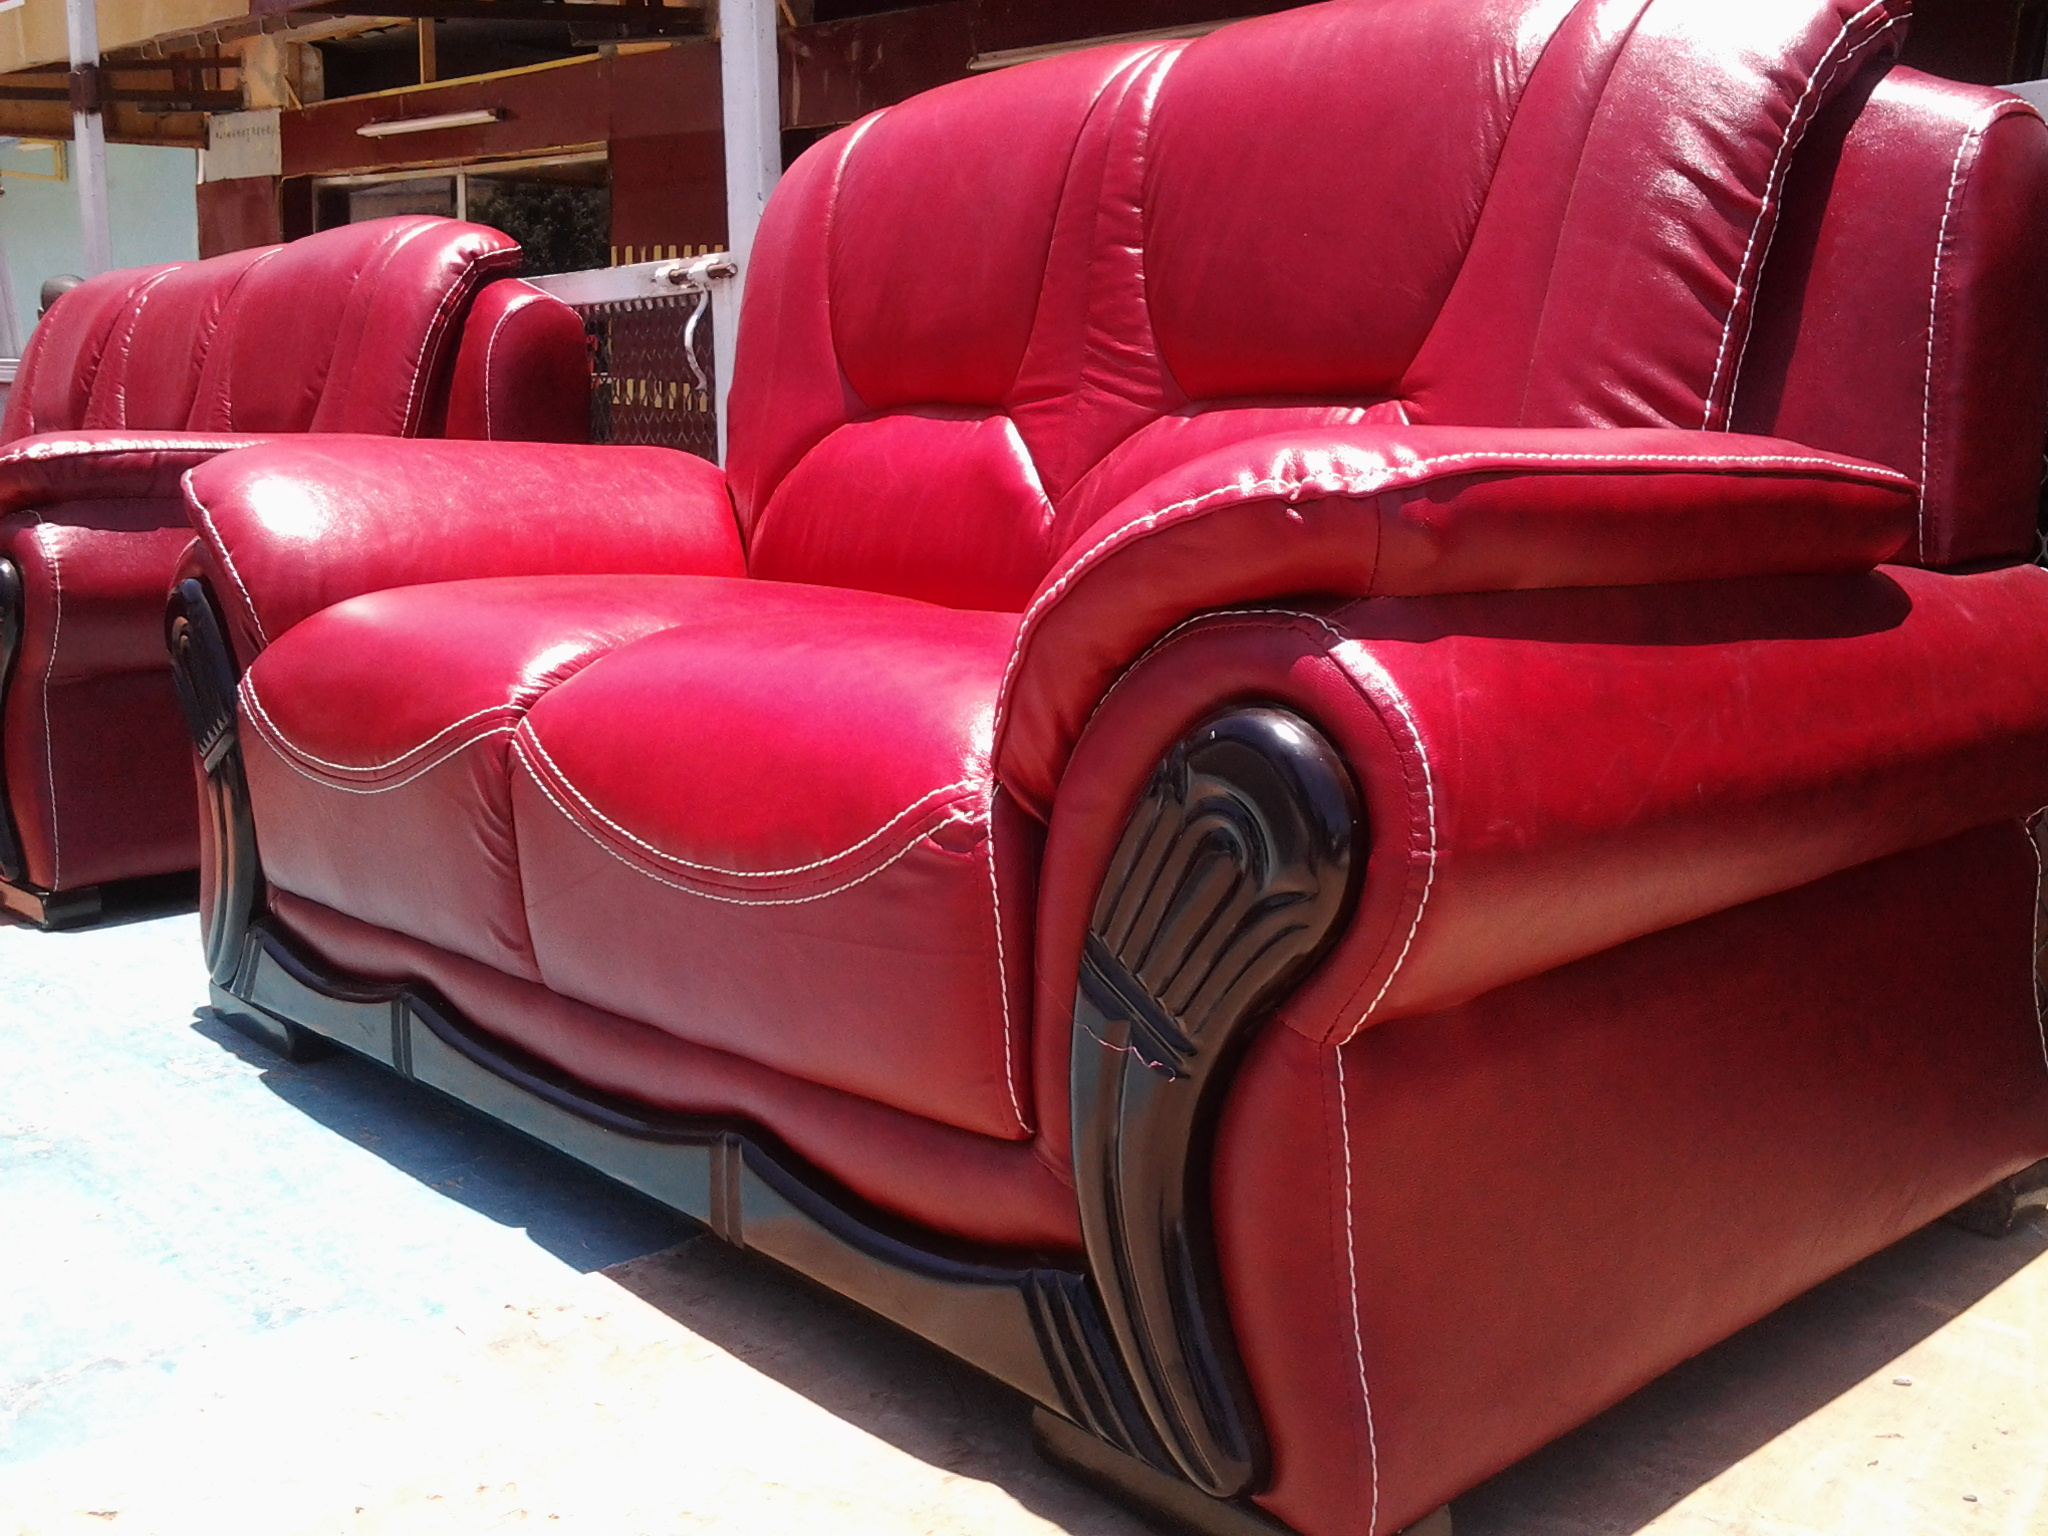 Salon 918 Rouge